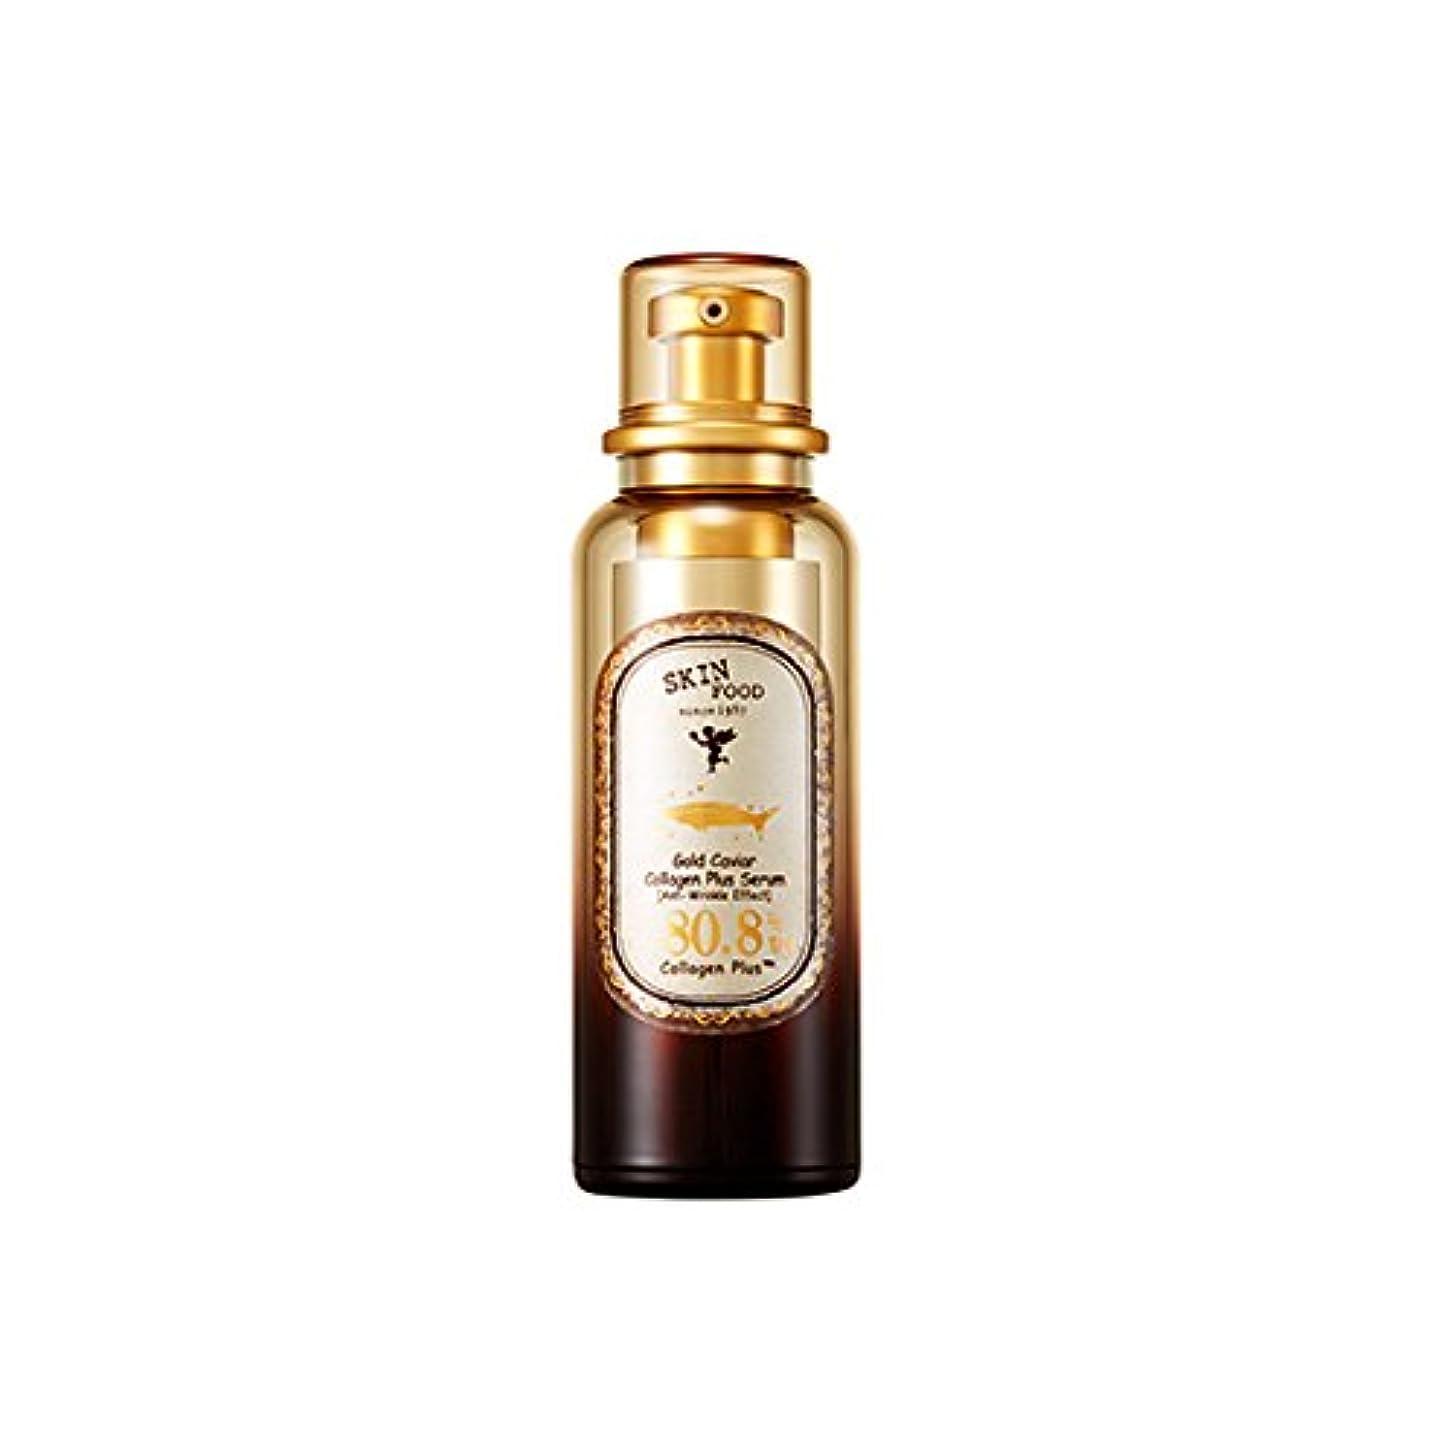 バース縮約午後Skinfood ゴールドキャビアコラーゲンプラスセラム(しわ防止効果) / Gold Caviar Collagen Plus Serum (Anti-wrinkle Effect) 40ml [並行輸入品]